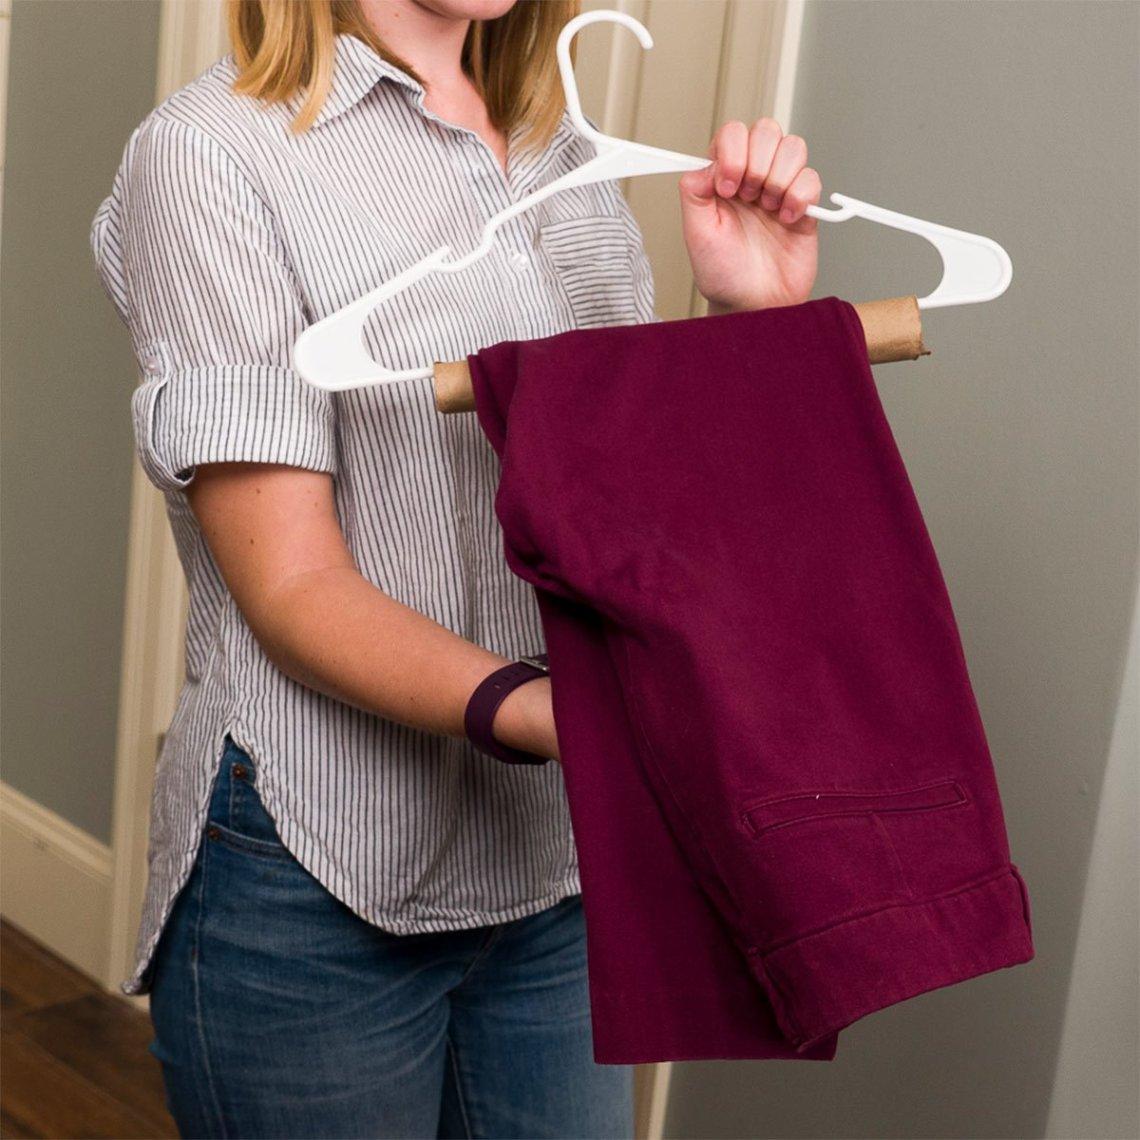 paper-towel-hanger-1